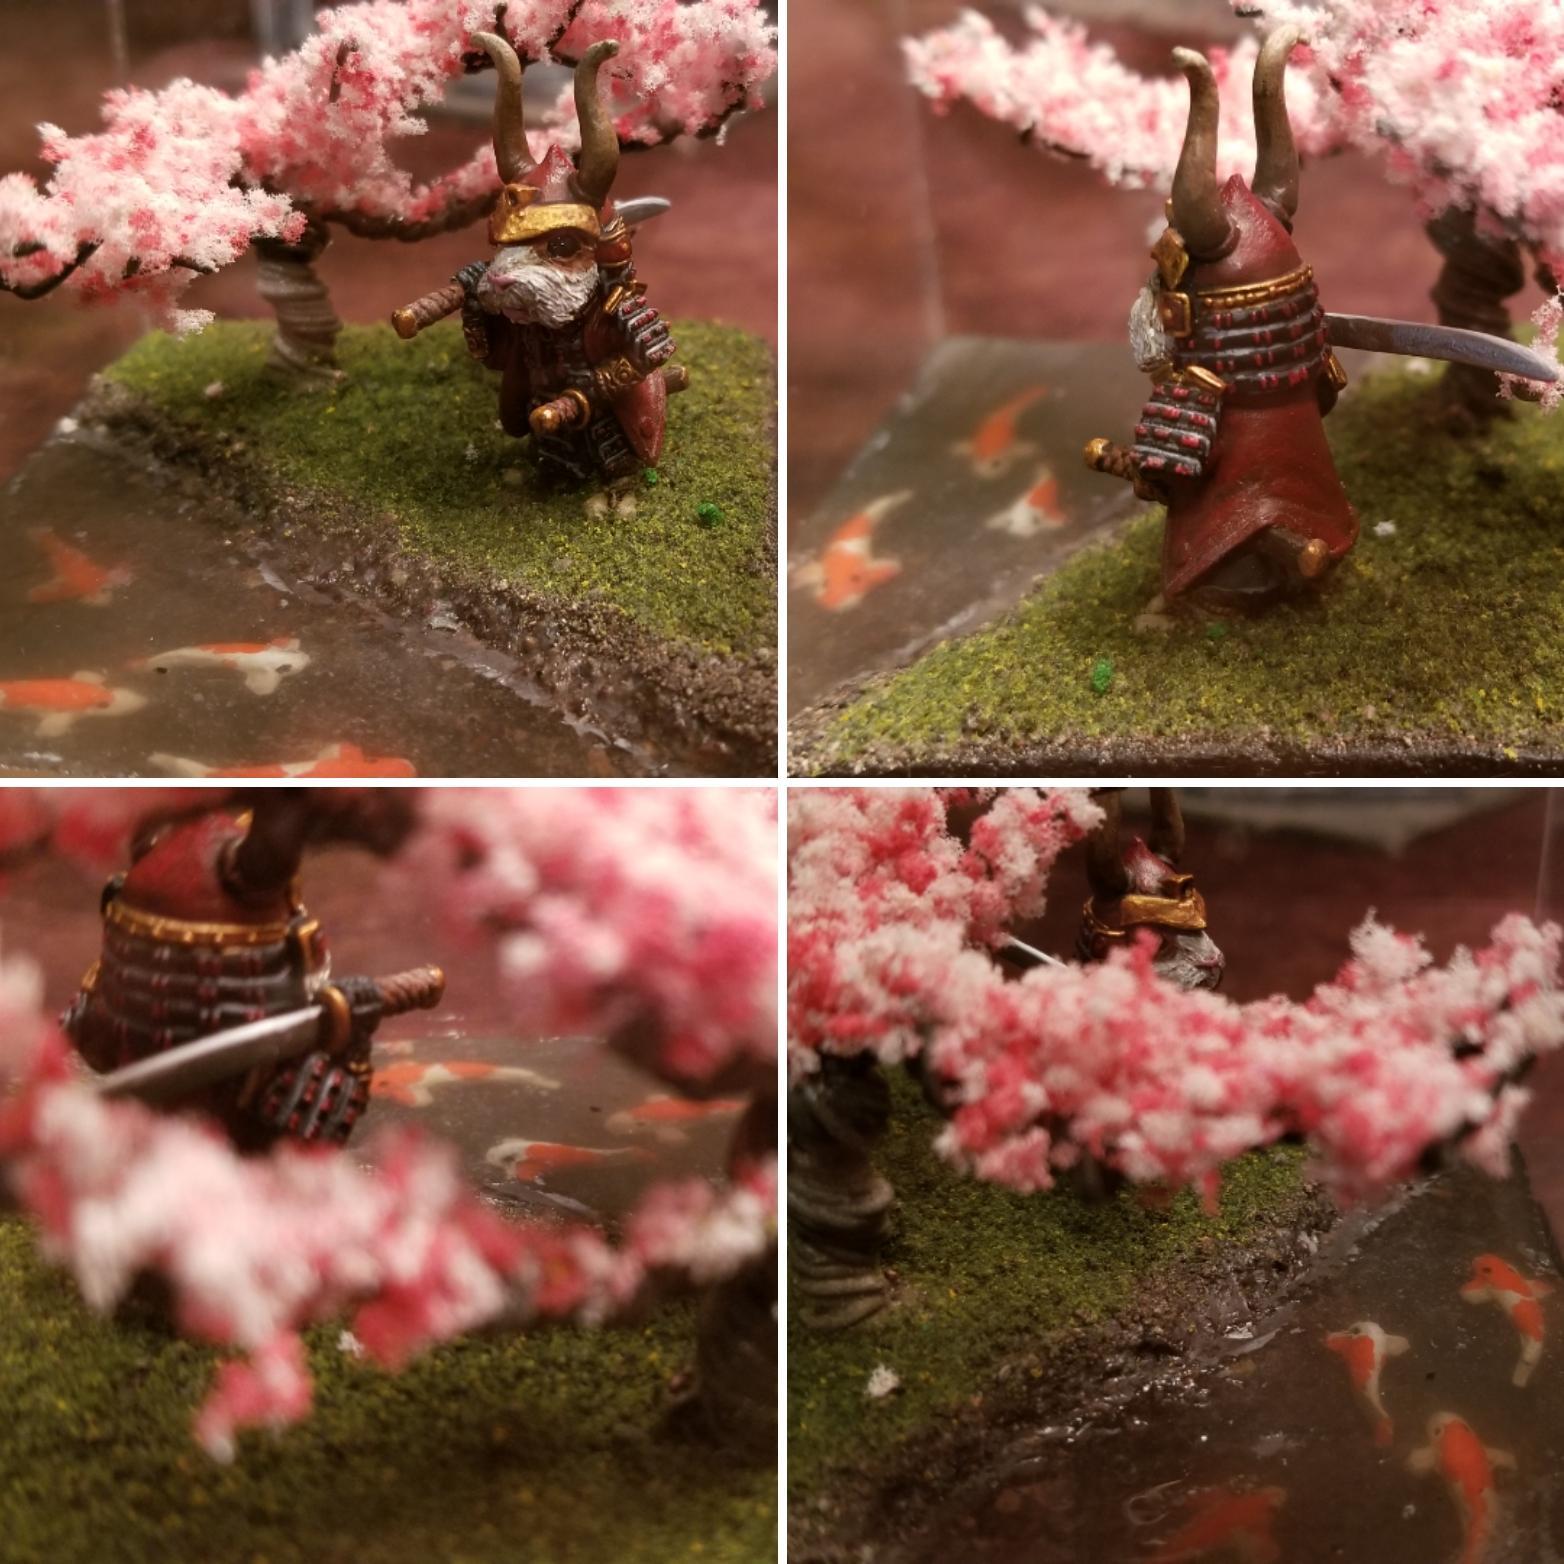 Cherry Blossom, Guinea, Pig, Samurai